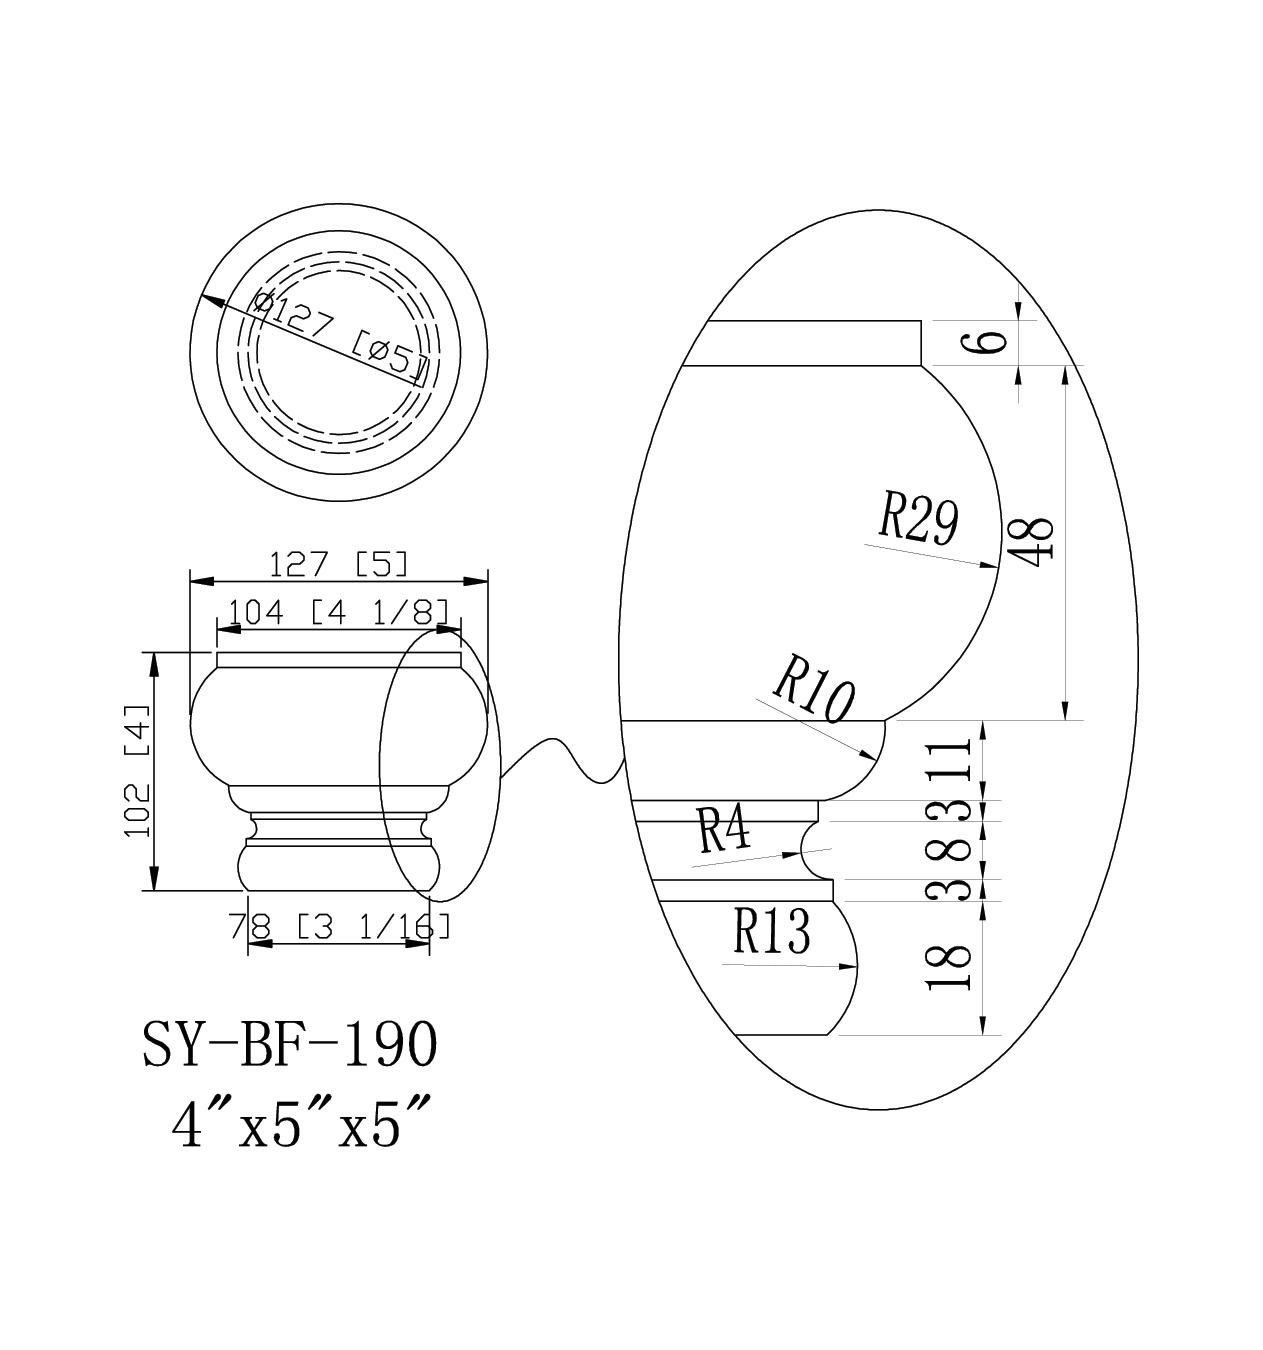 SY-BF-190 drawing